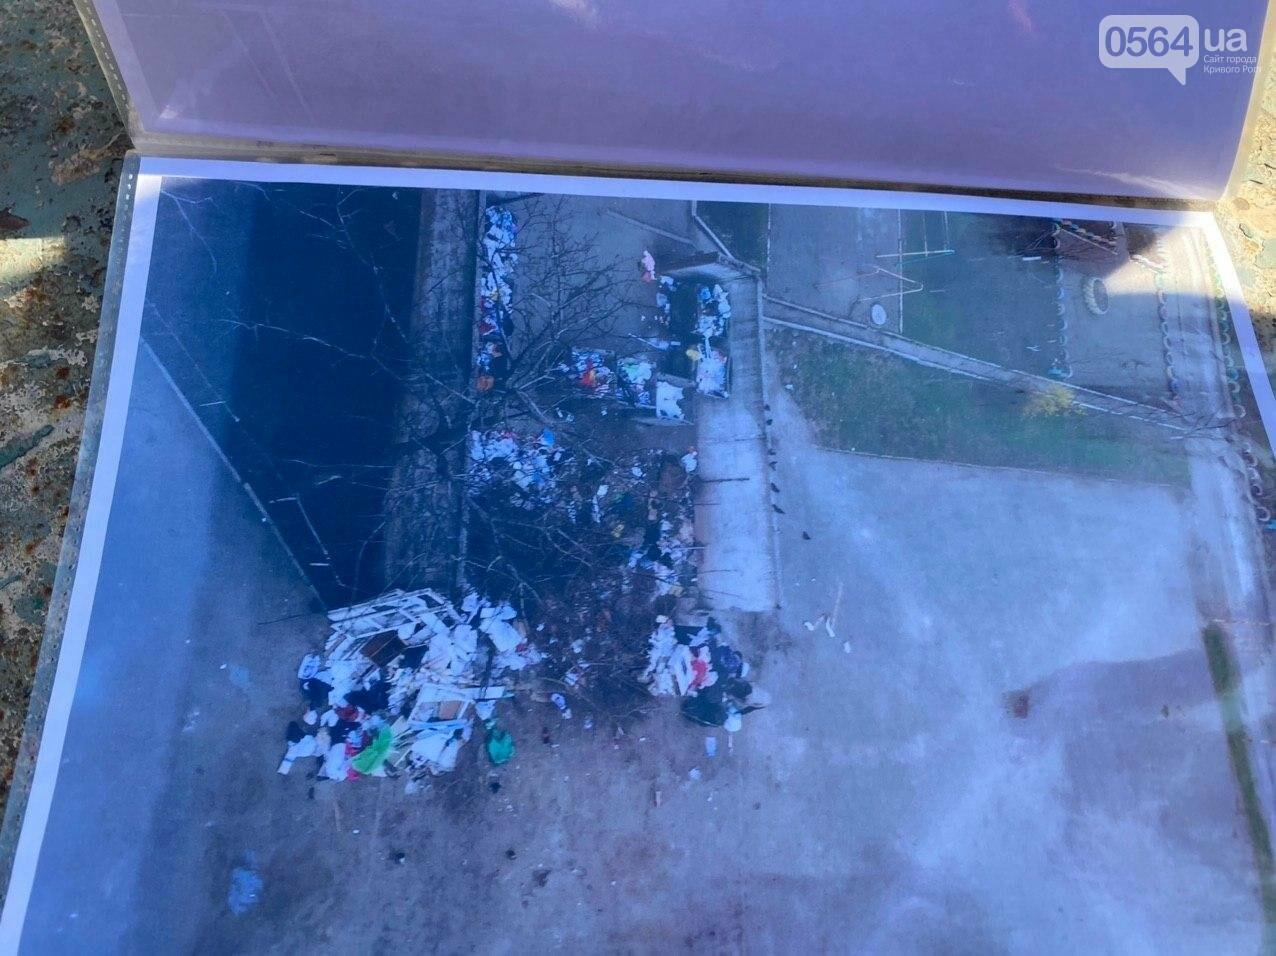 """""""Даже не смешно"""": криворожанам на просьбу реконструировать контейнерную площадку отчитались об уборке, - ФОТО, ВИДЕО , фото-11"""